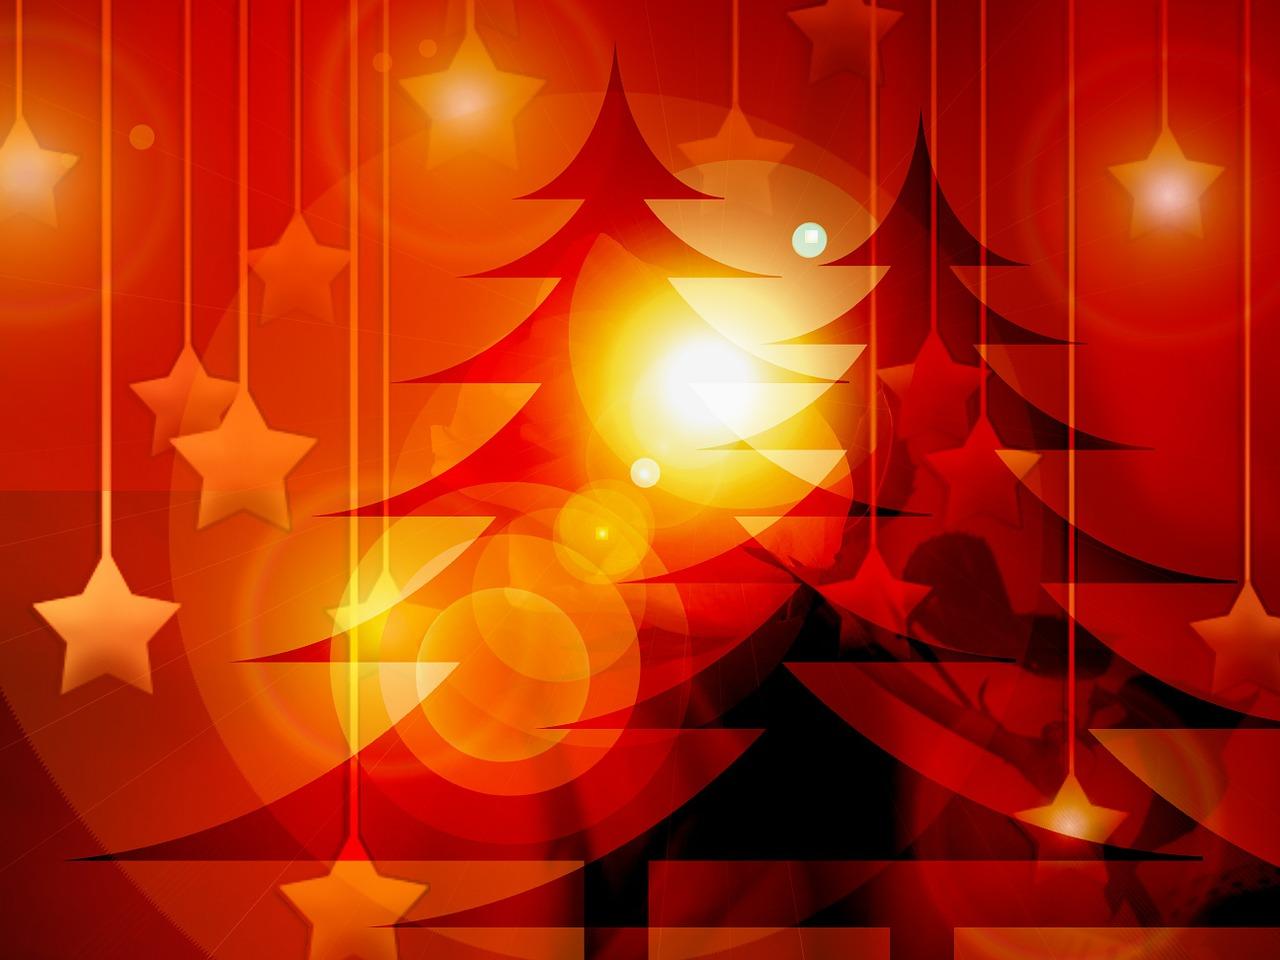 Wiederverkaufen: Weihnachtszeit verstärkt Trend zu Re-Commerce